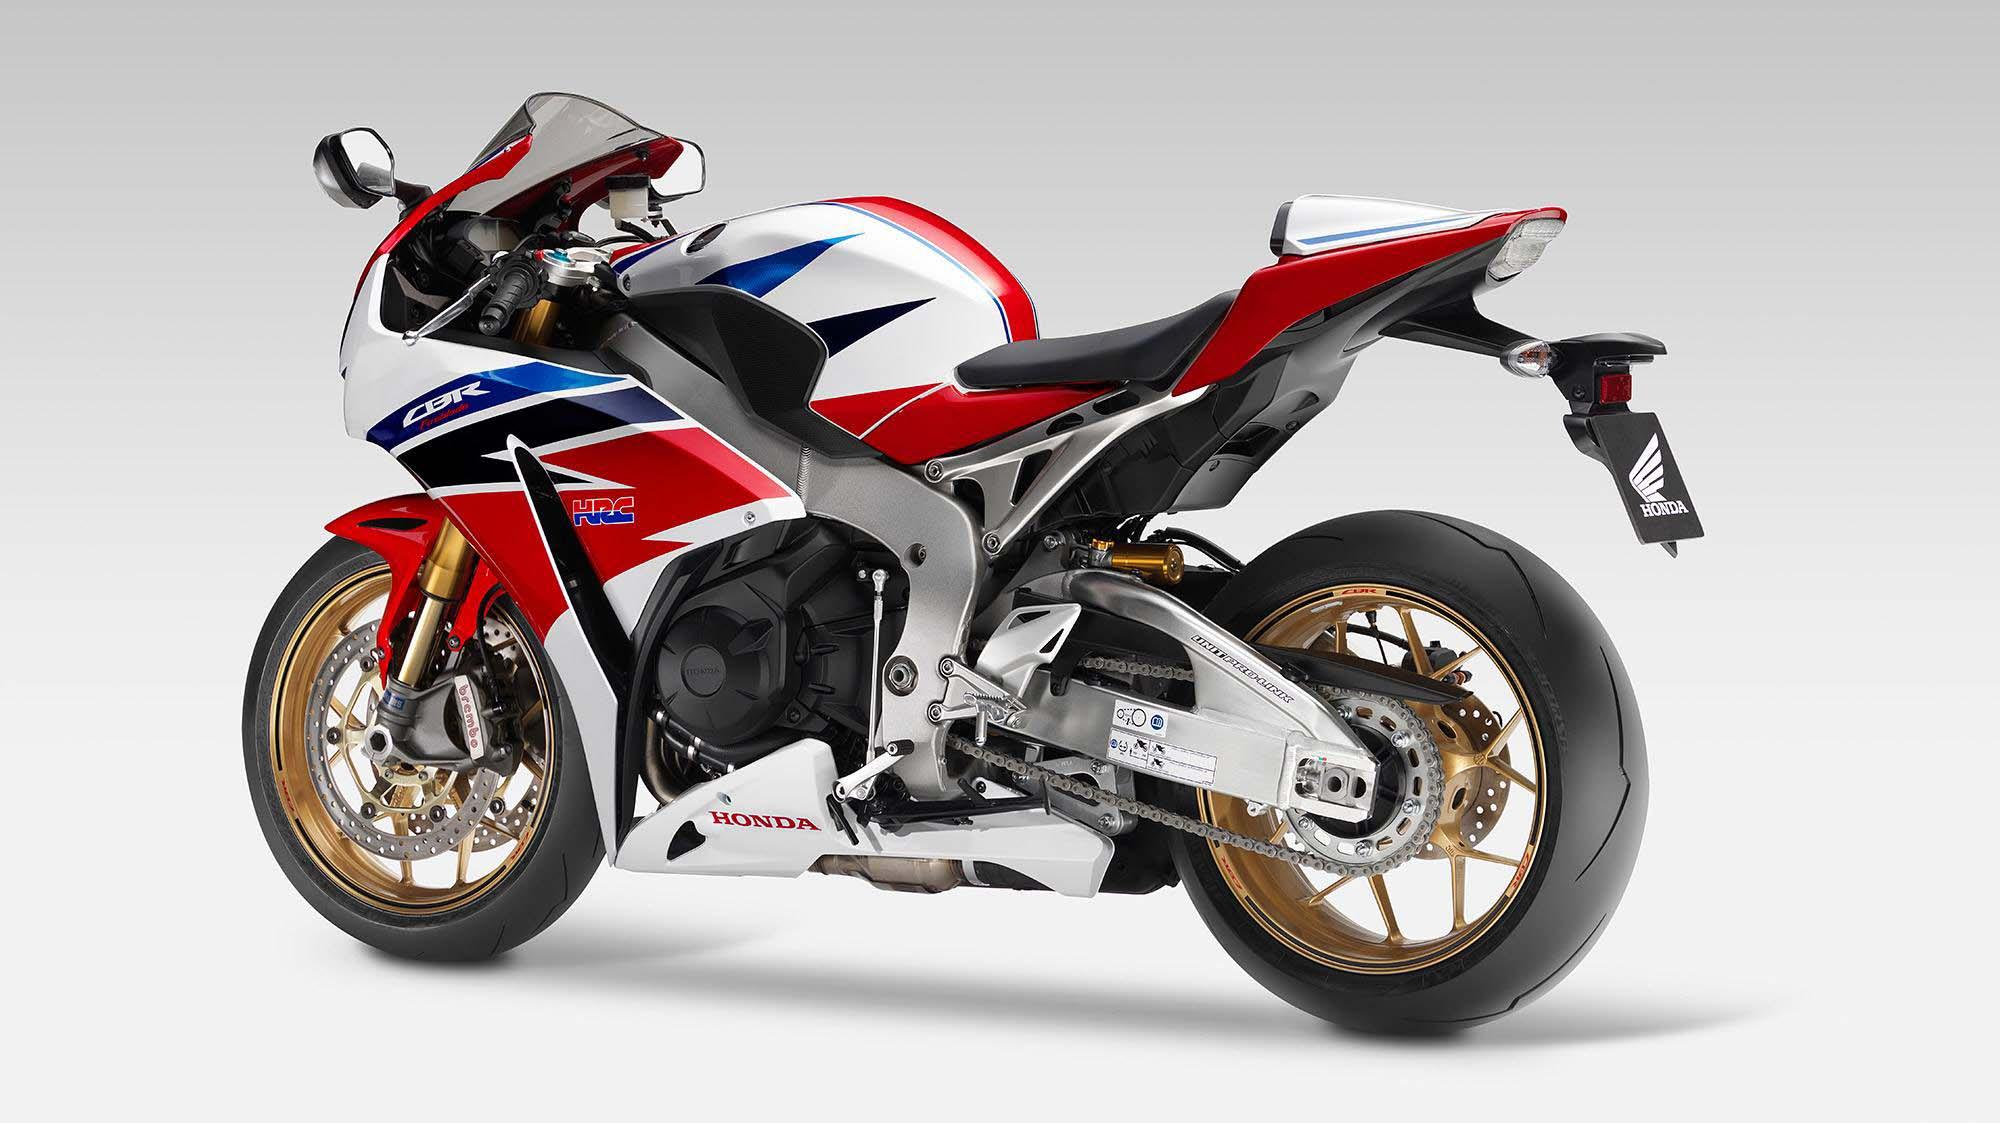 2014 Honda CBR1000RR SP - A Better Fireblade - Asphalt & Rubber